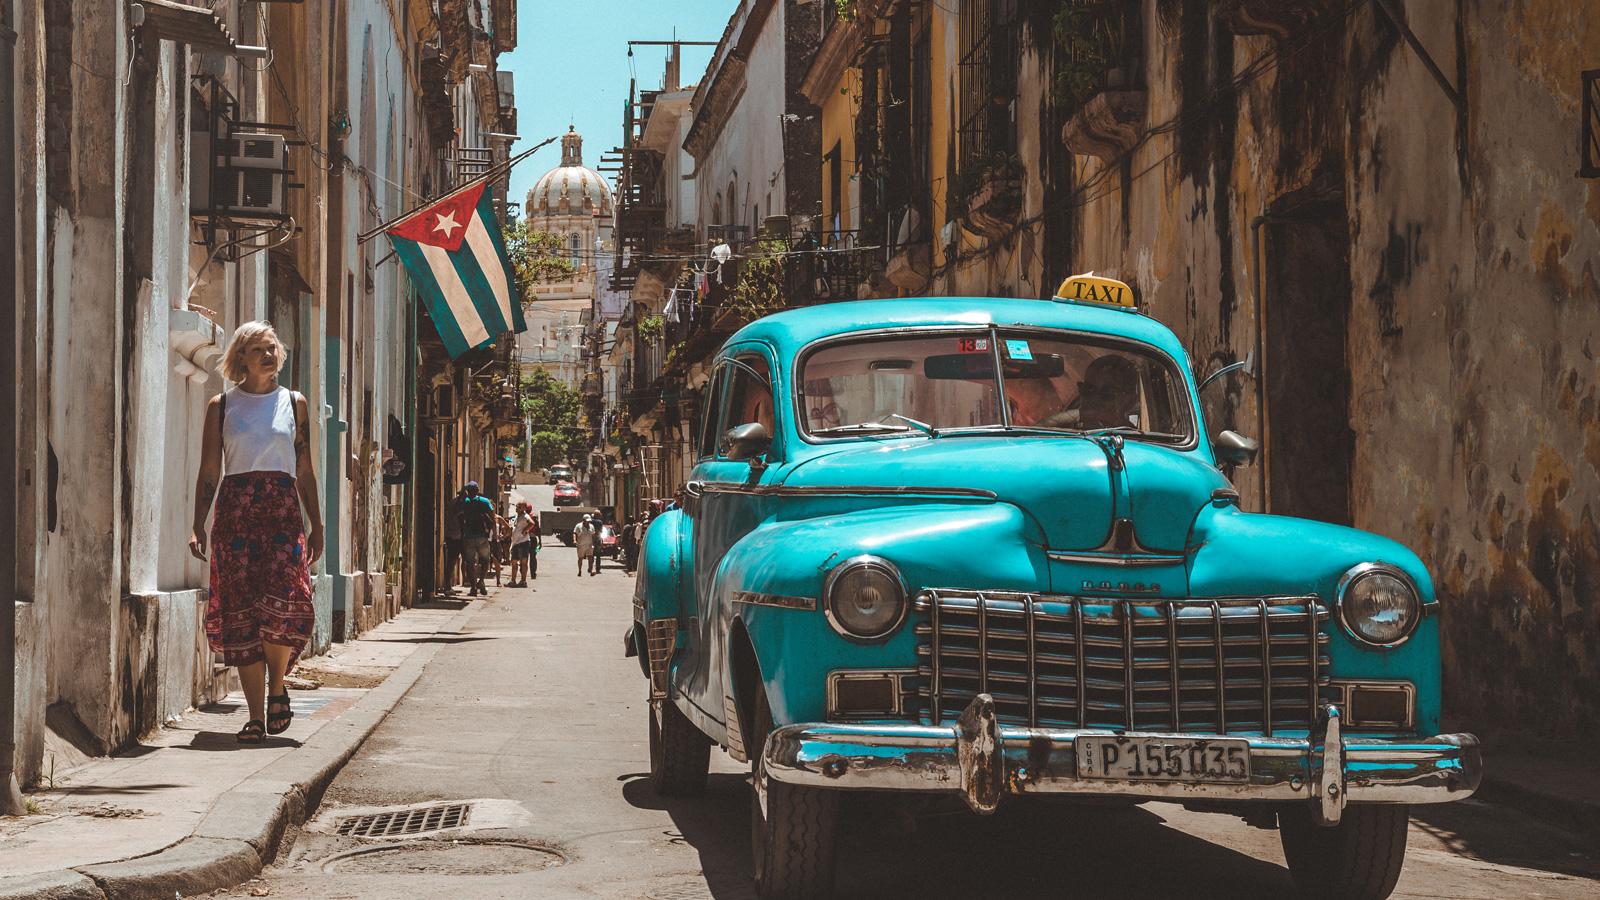 Mexiko & Kuba – preiswert reisen Gruppenreise für junge Leute traveljunkies